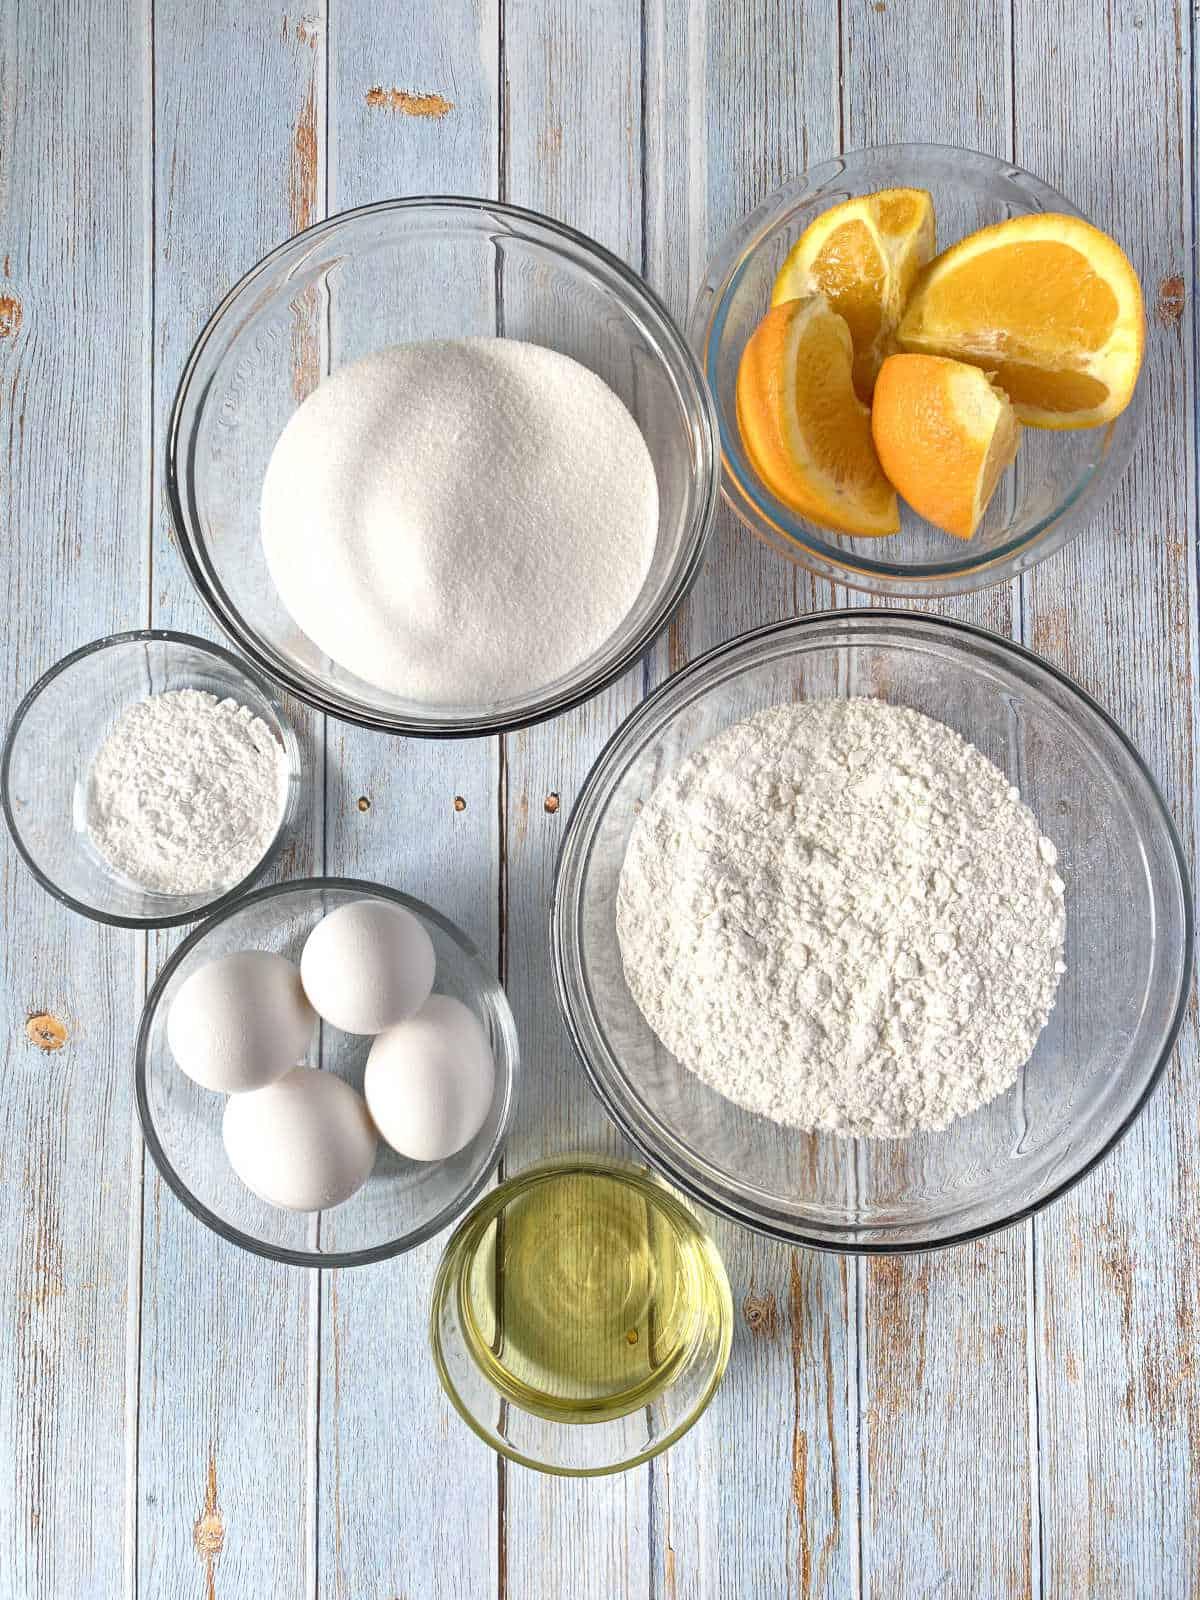 farinha, açúcar, ovos, óleo, laranja e fermento, separados em tigelas de vidro